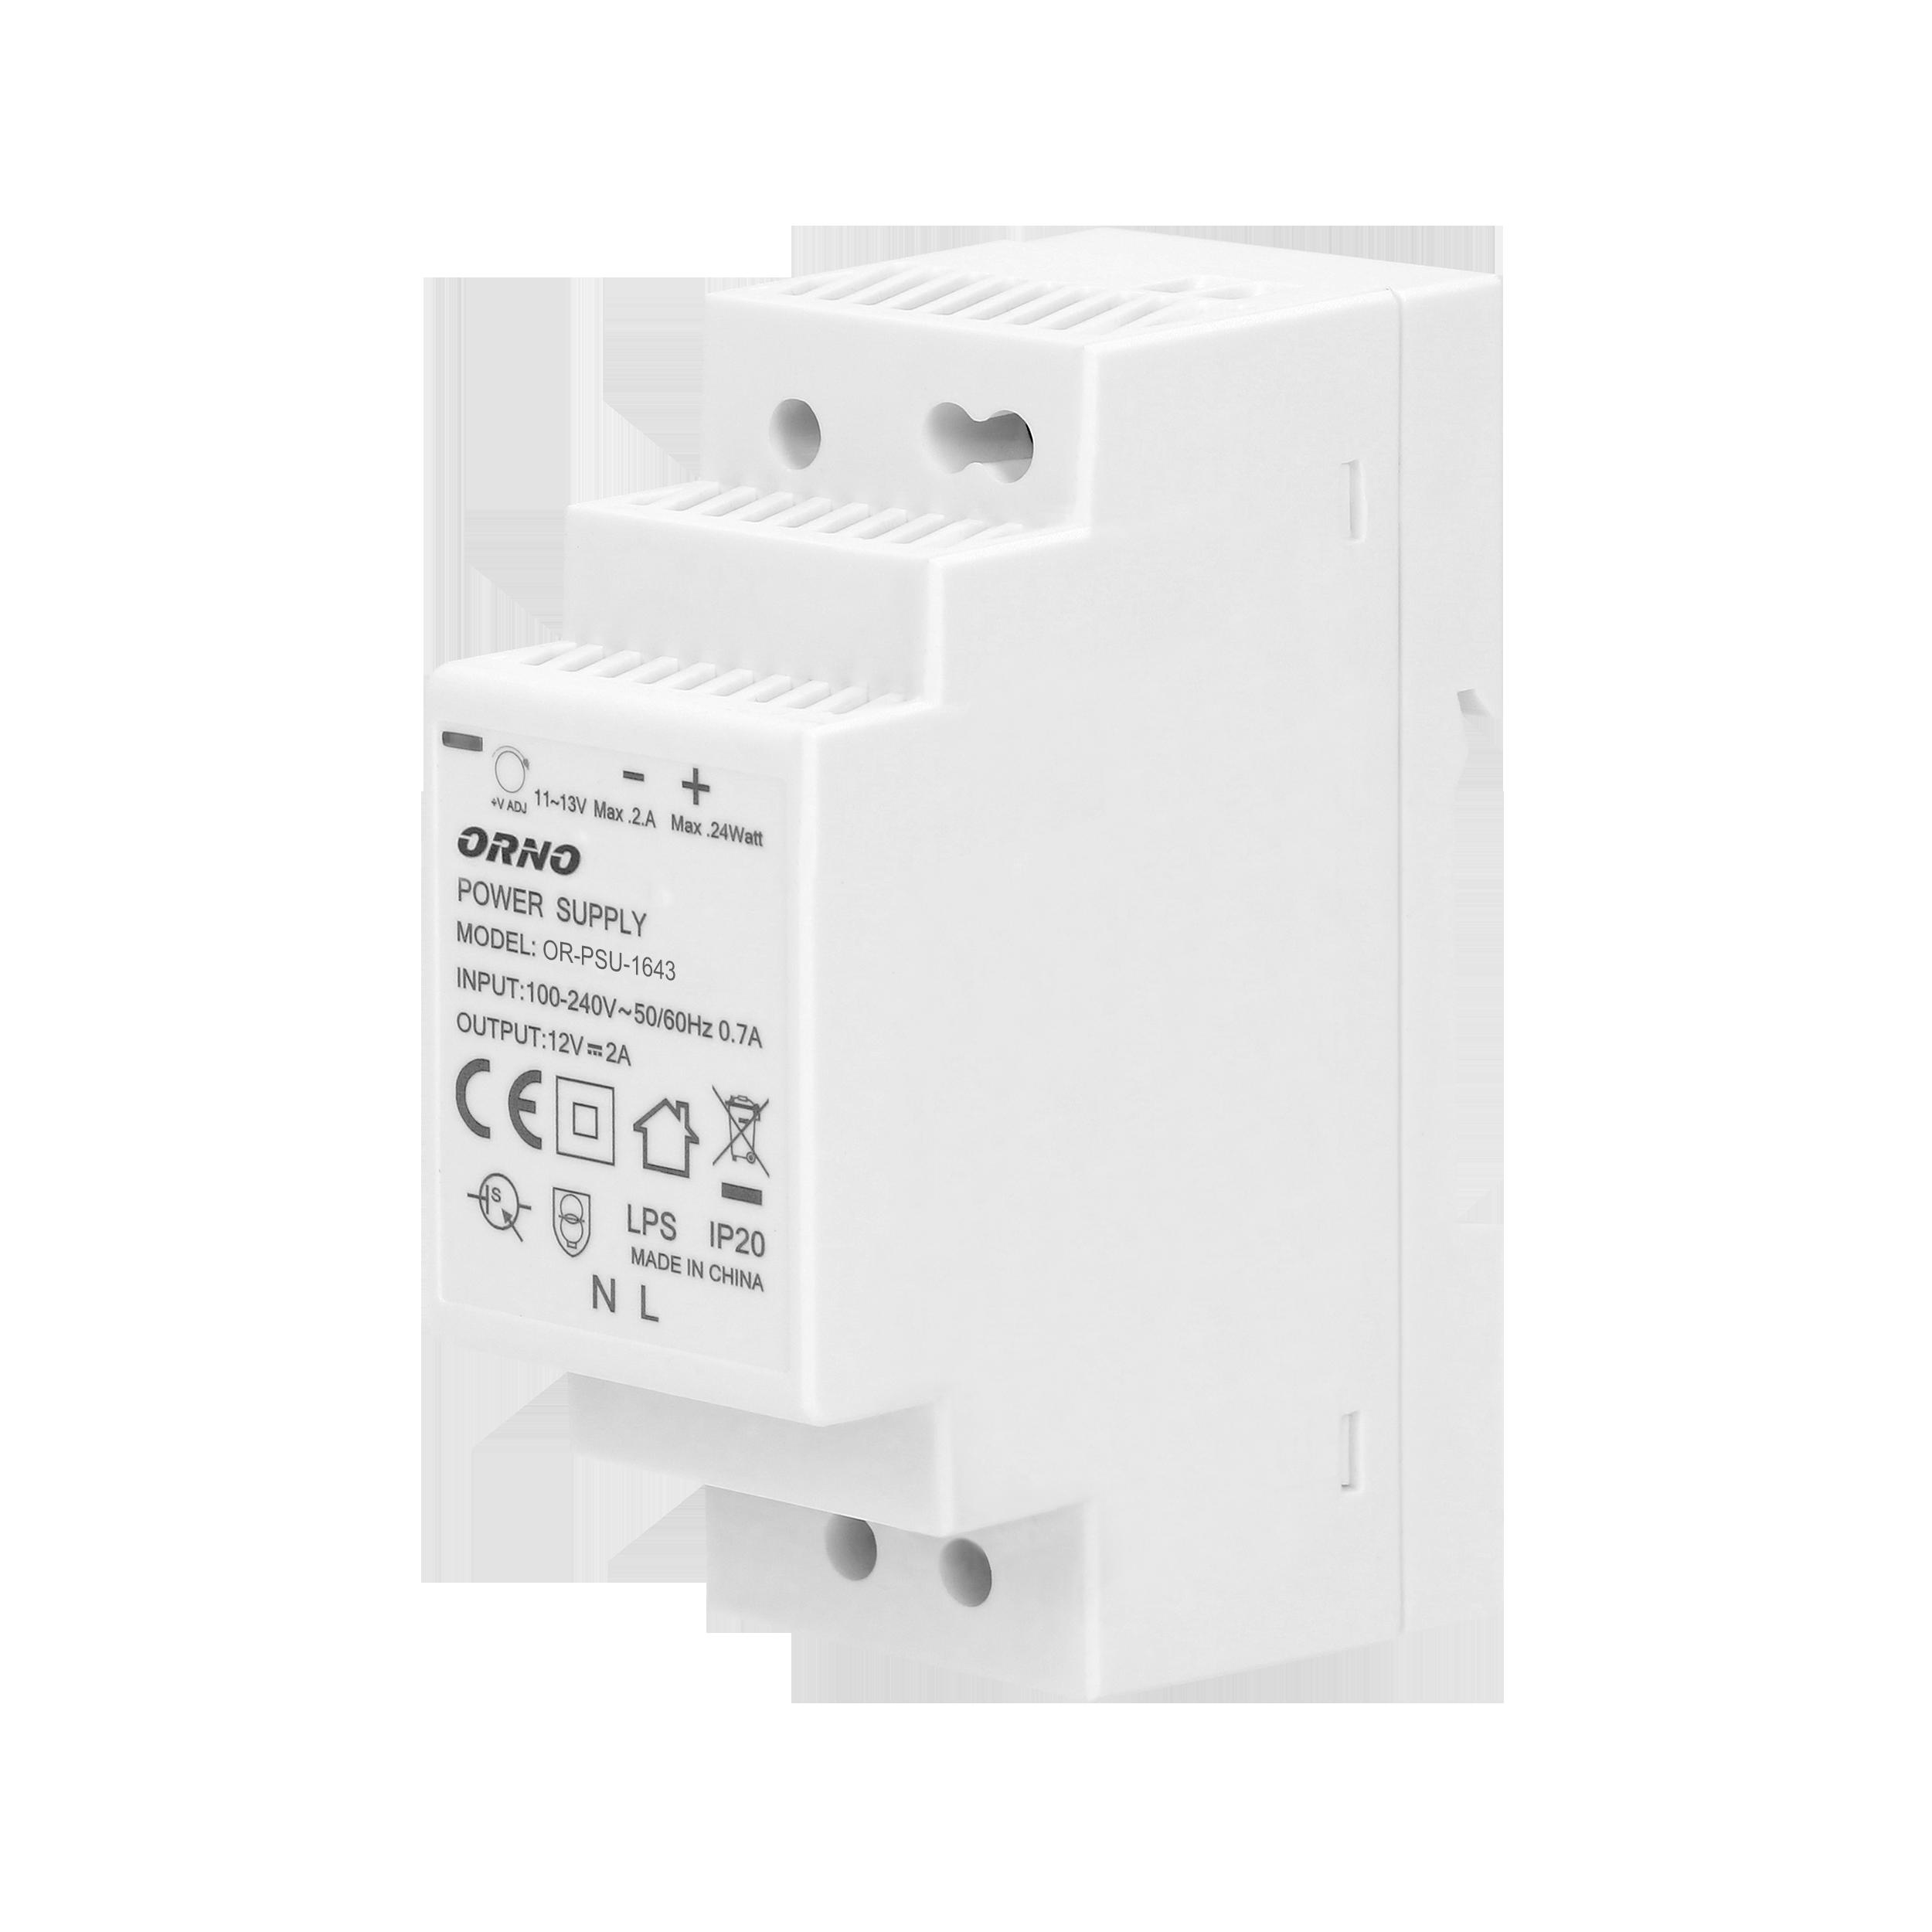 Zasilacz na szynę DIN 12VDC, 2A, 24W, szerokość 2 moduły